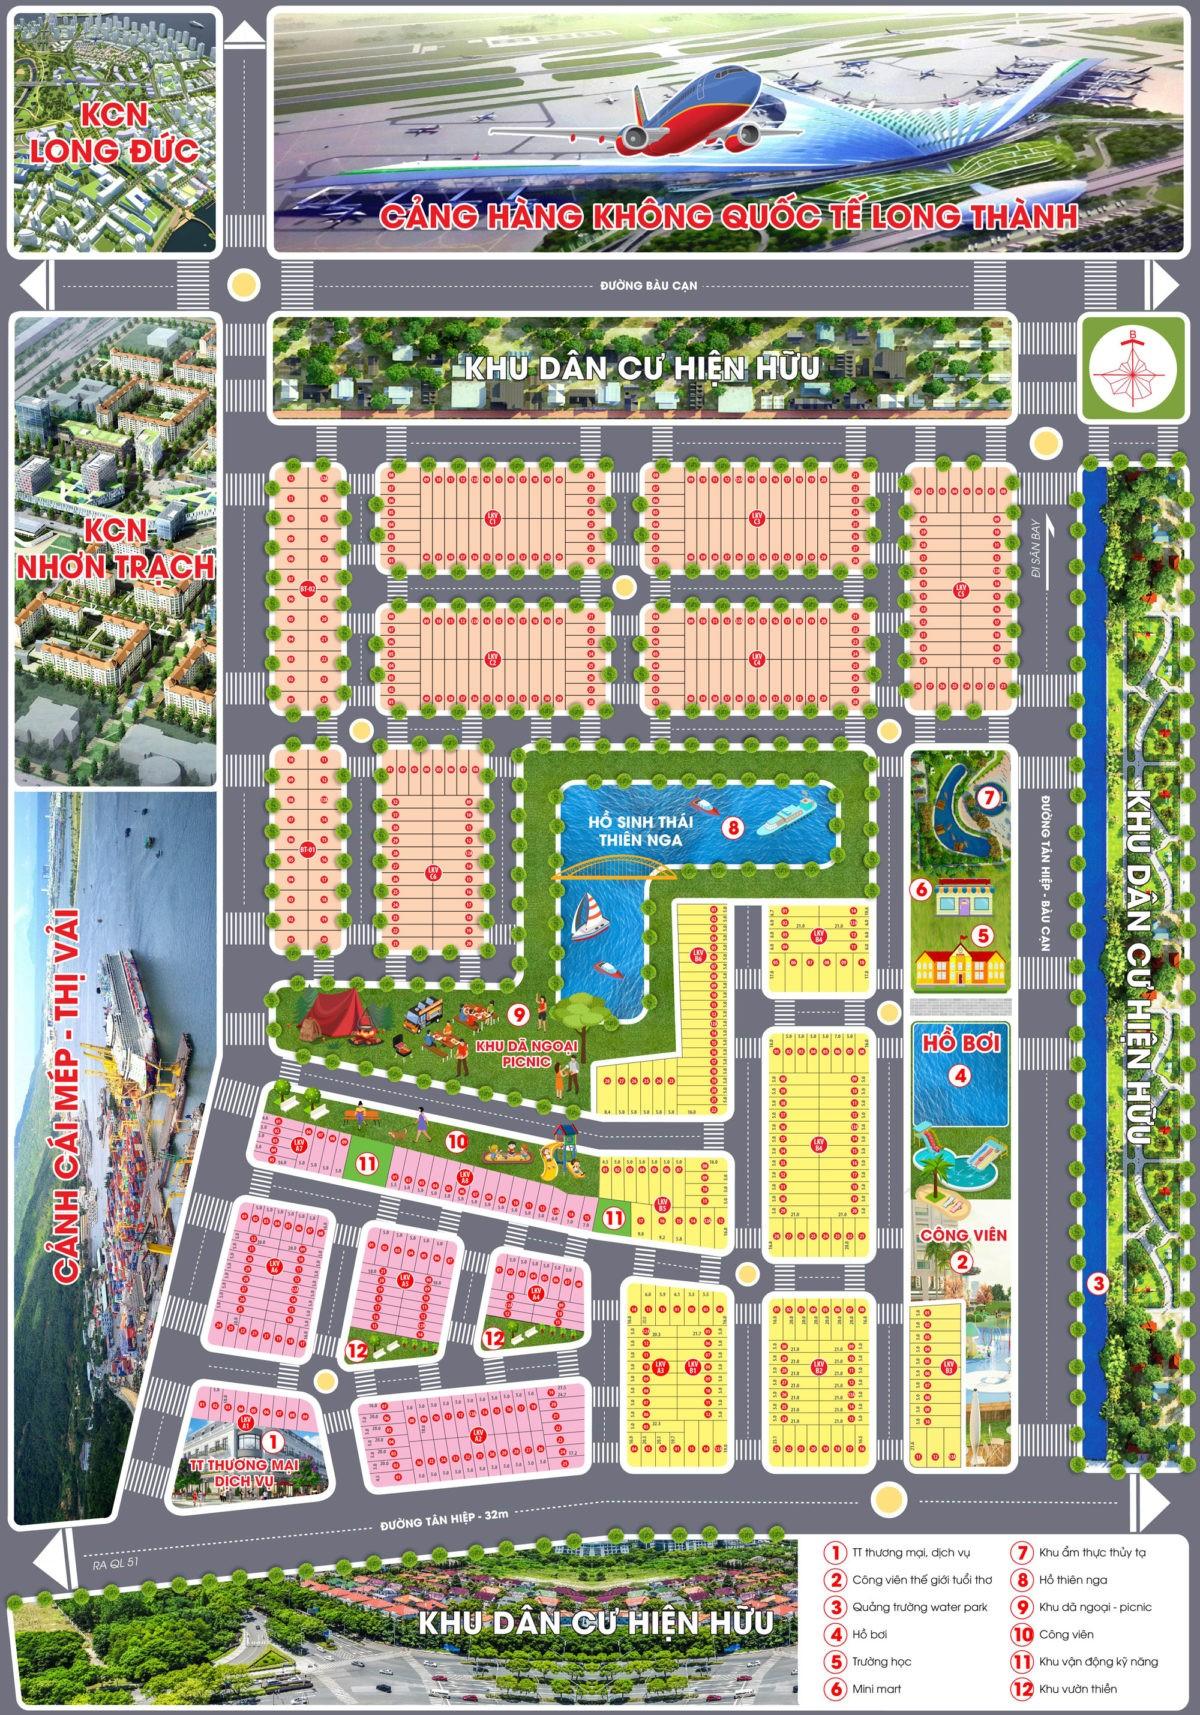 mat bang phan lo du an airport city long thanh - DỰ ÁN ĐẤT NỀN LONG THÀNH AIRPORT CITY